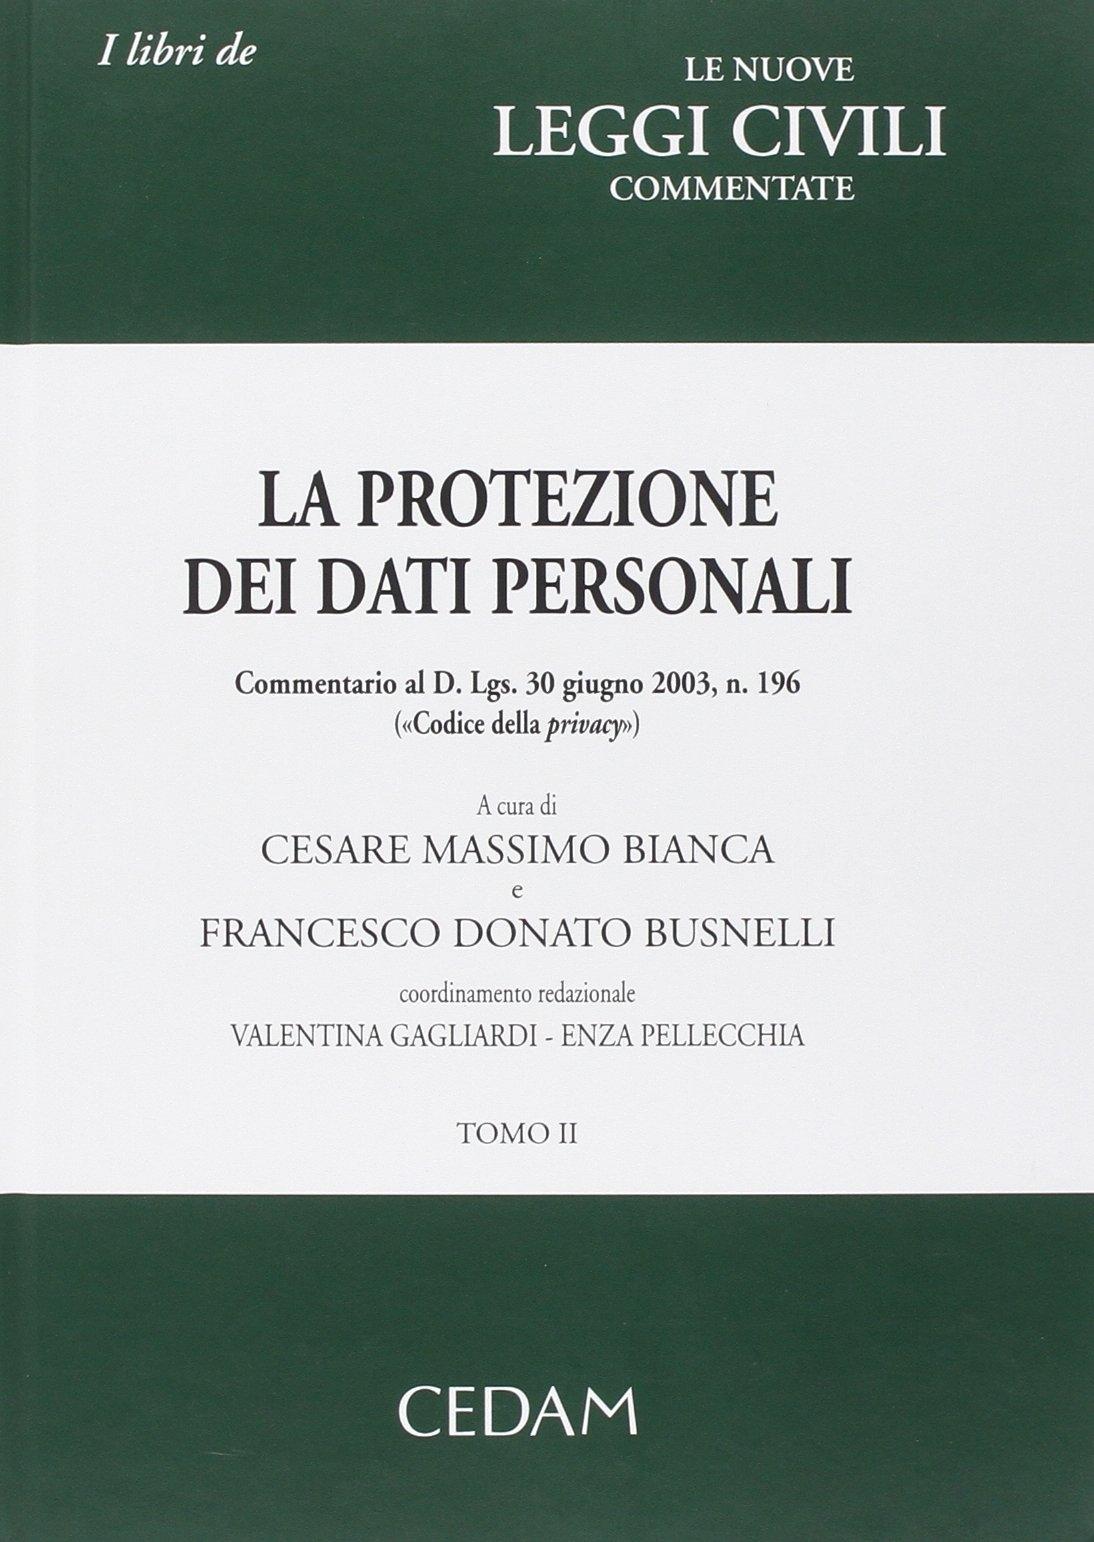 La protezione dei dati personali. Commentario al D. Lgs. 30 giugno 2003, n. 196 «Codice della privacy»